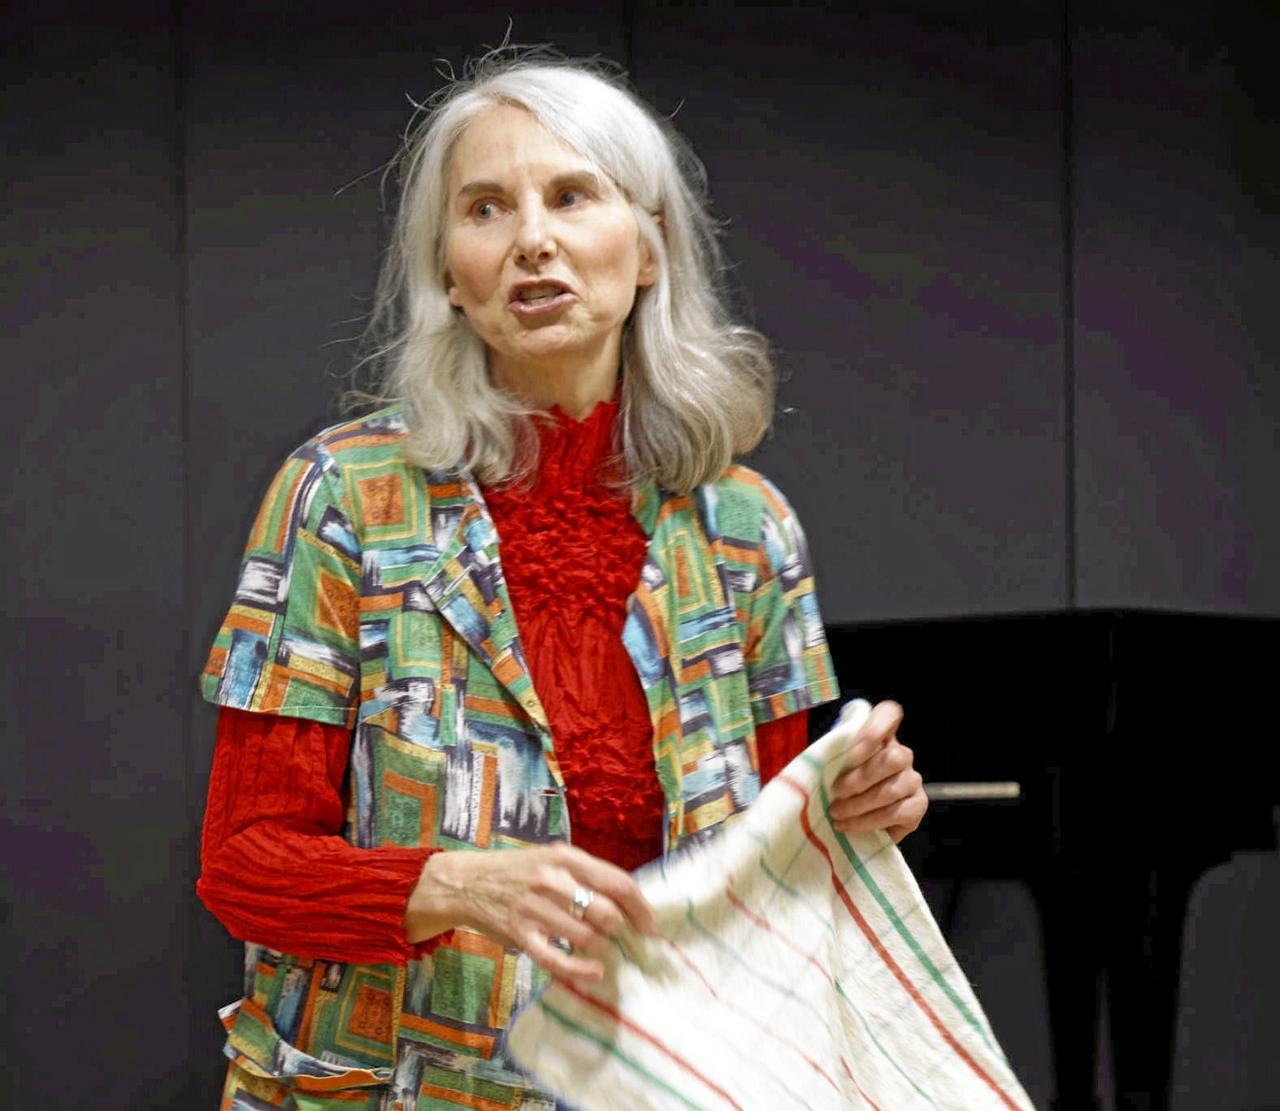 Kabarettistin Ruth Gaidas sorgt für Lacher